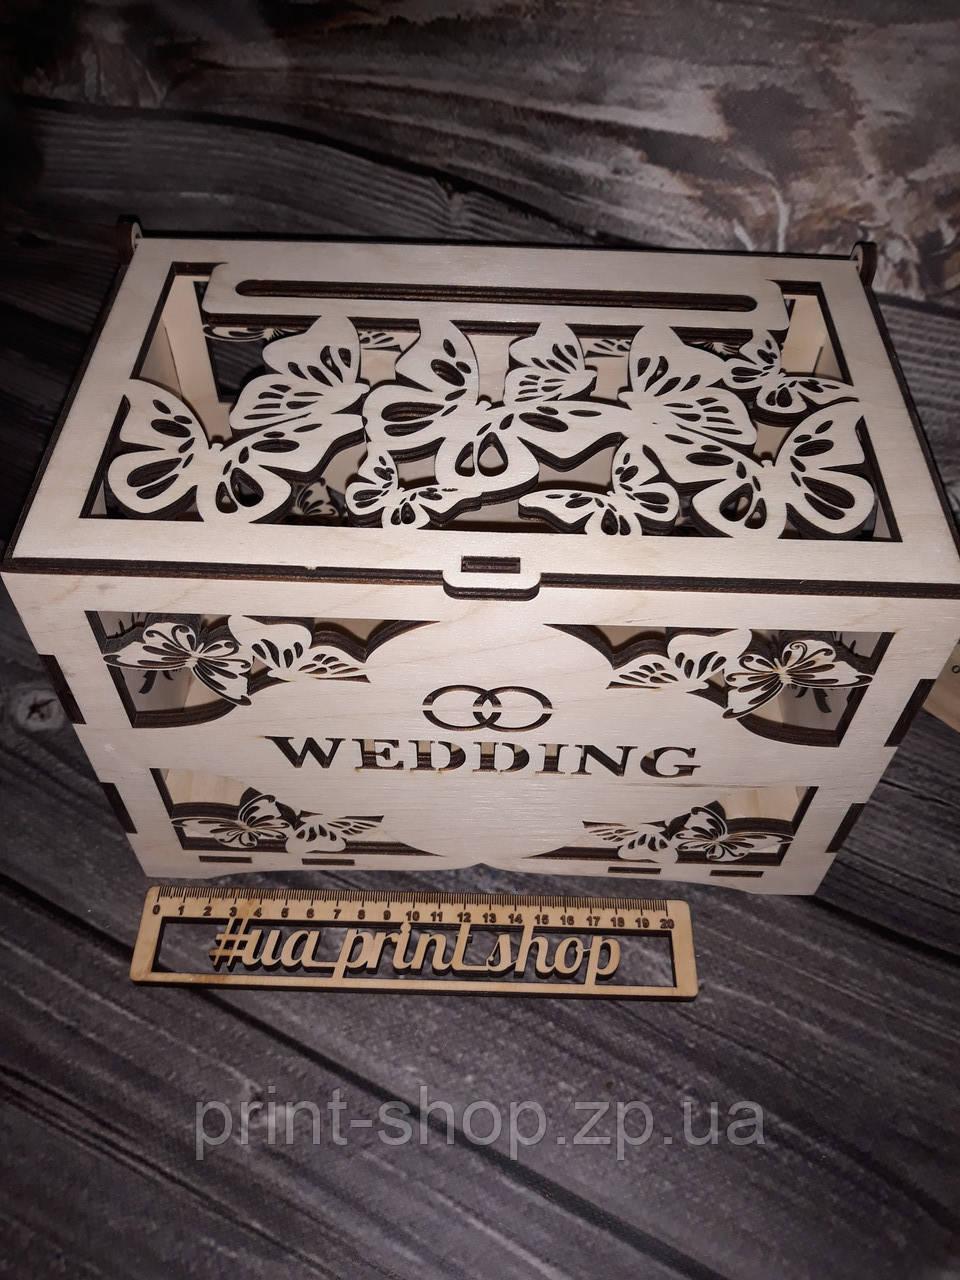 Весільна коробка для грошей. Весільна скарбниця.